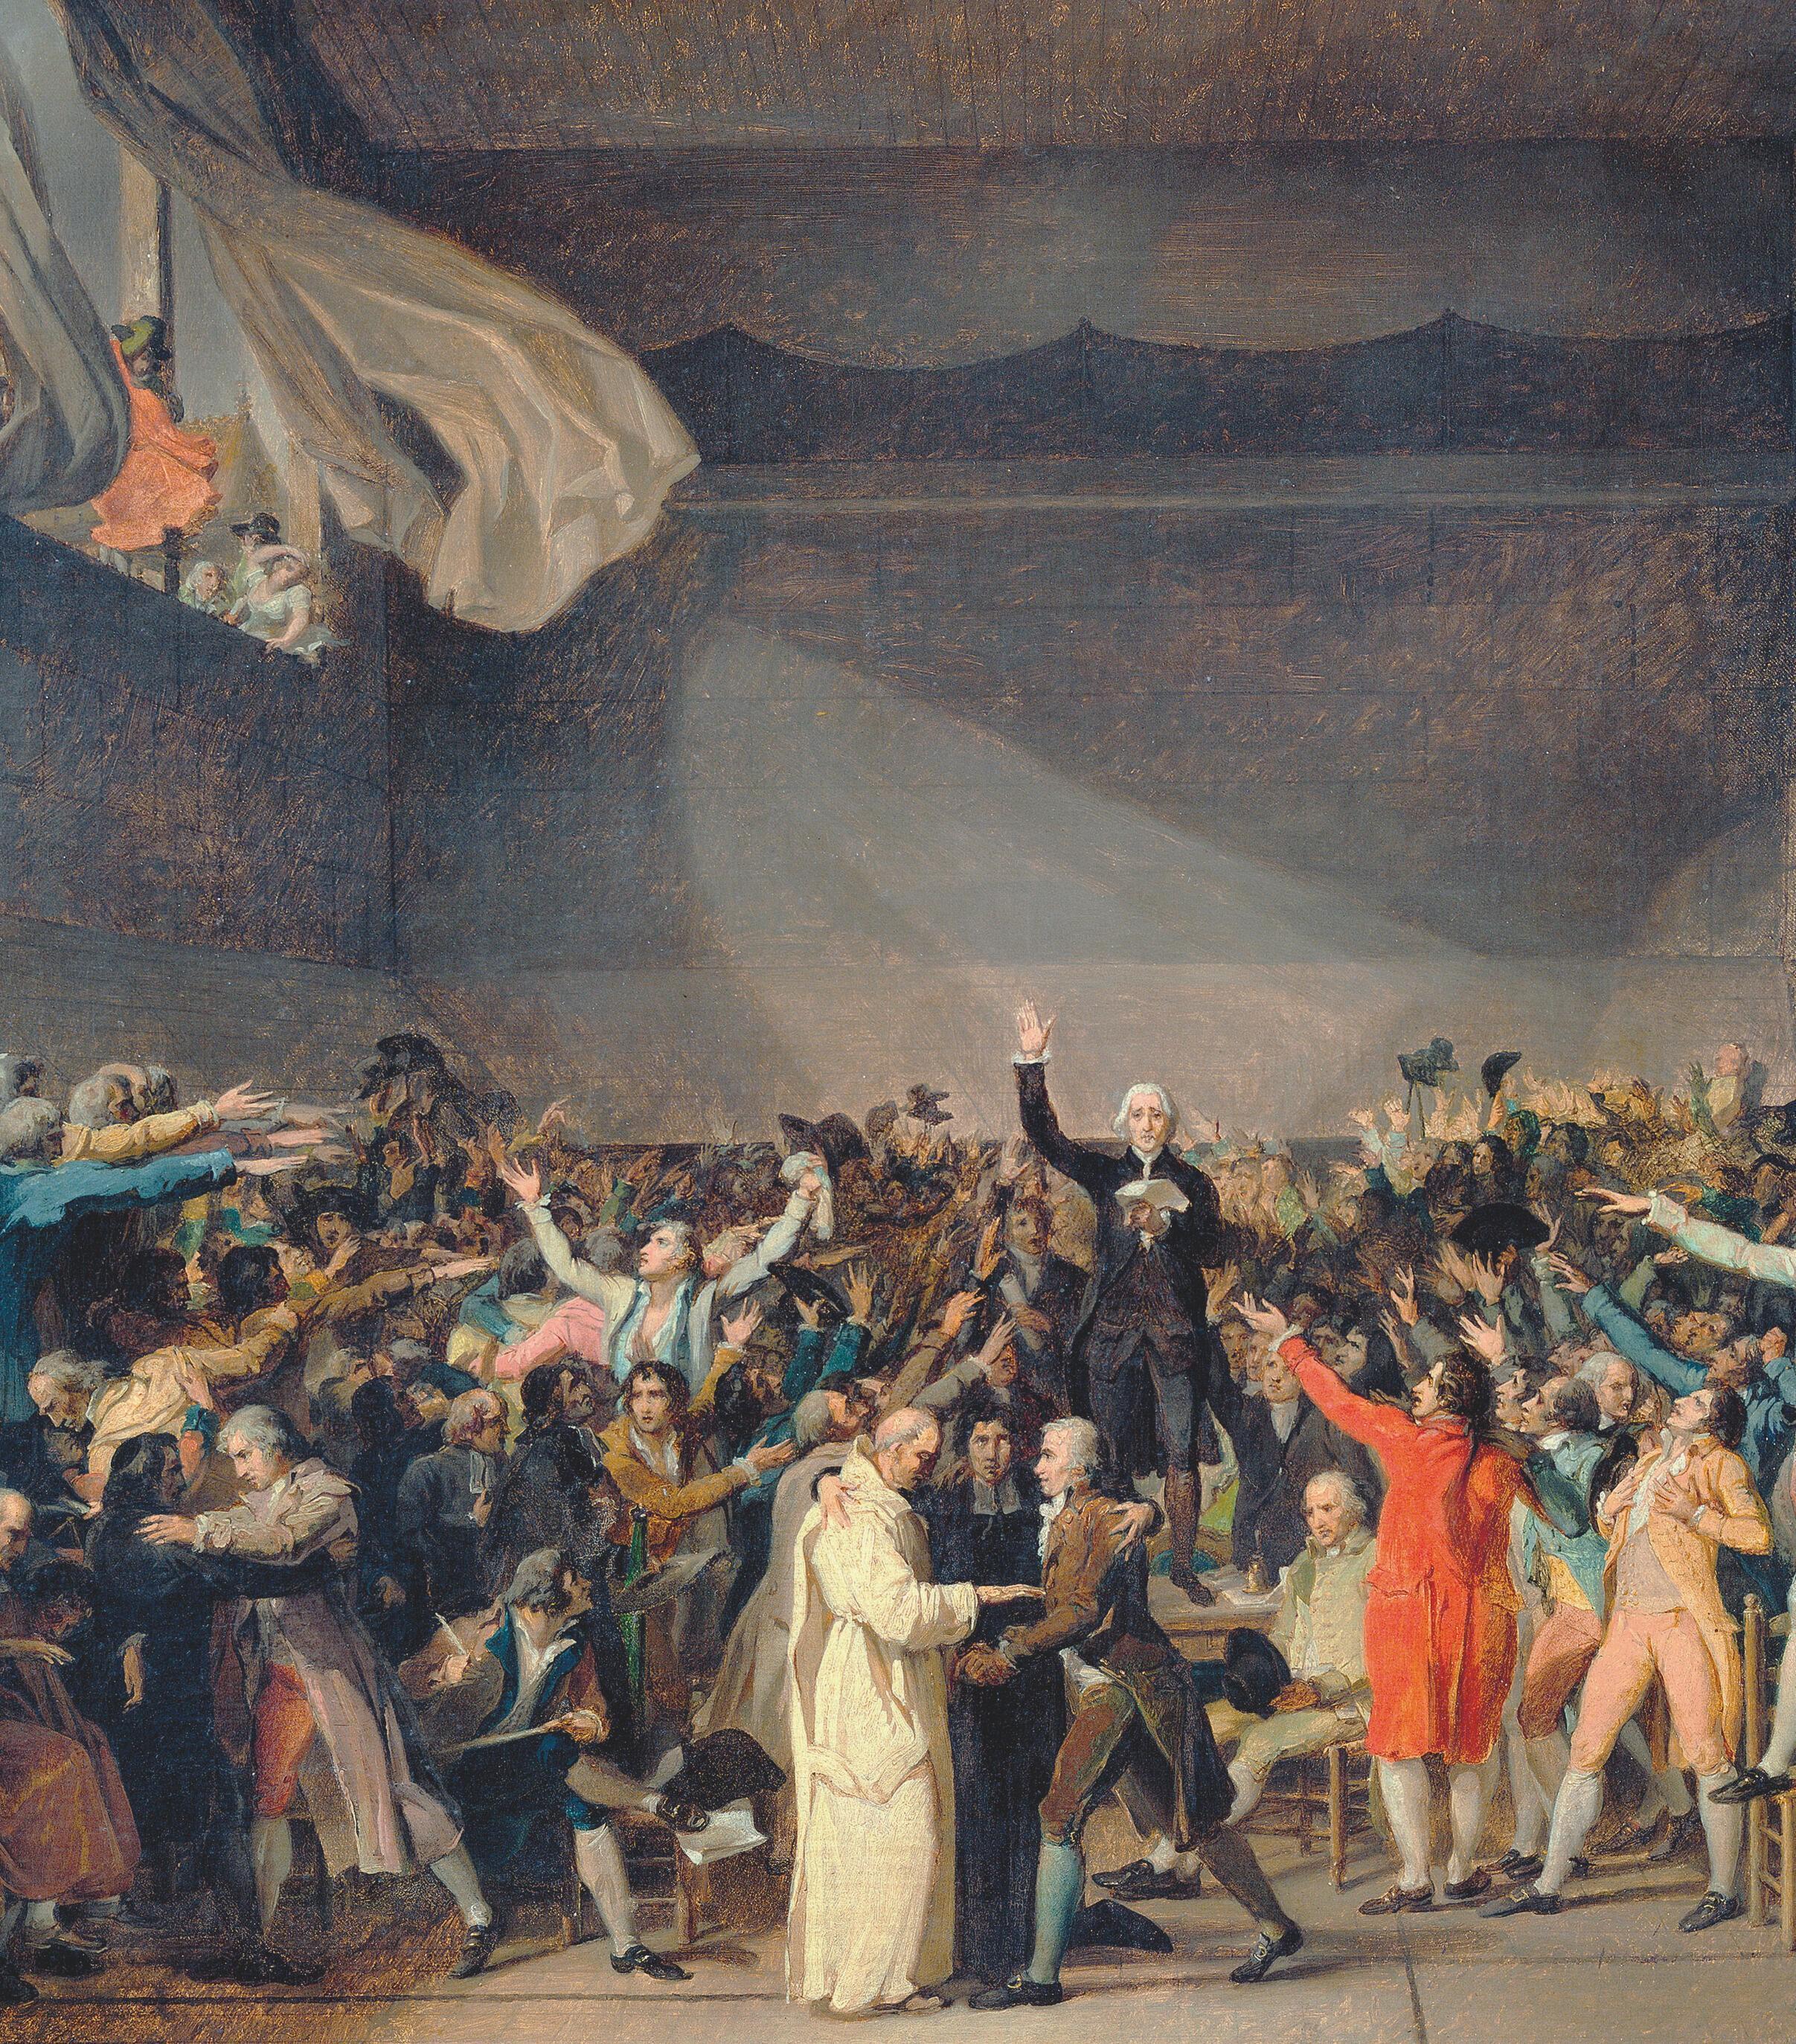 Jacques-Louis David Le Serment du Jeu de Paume